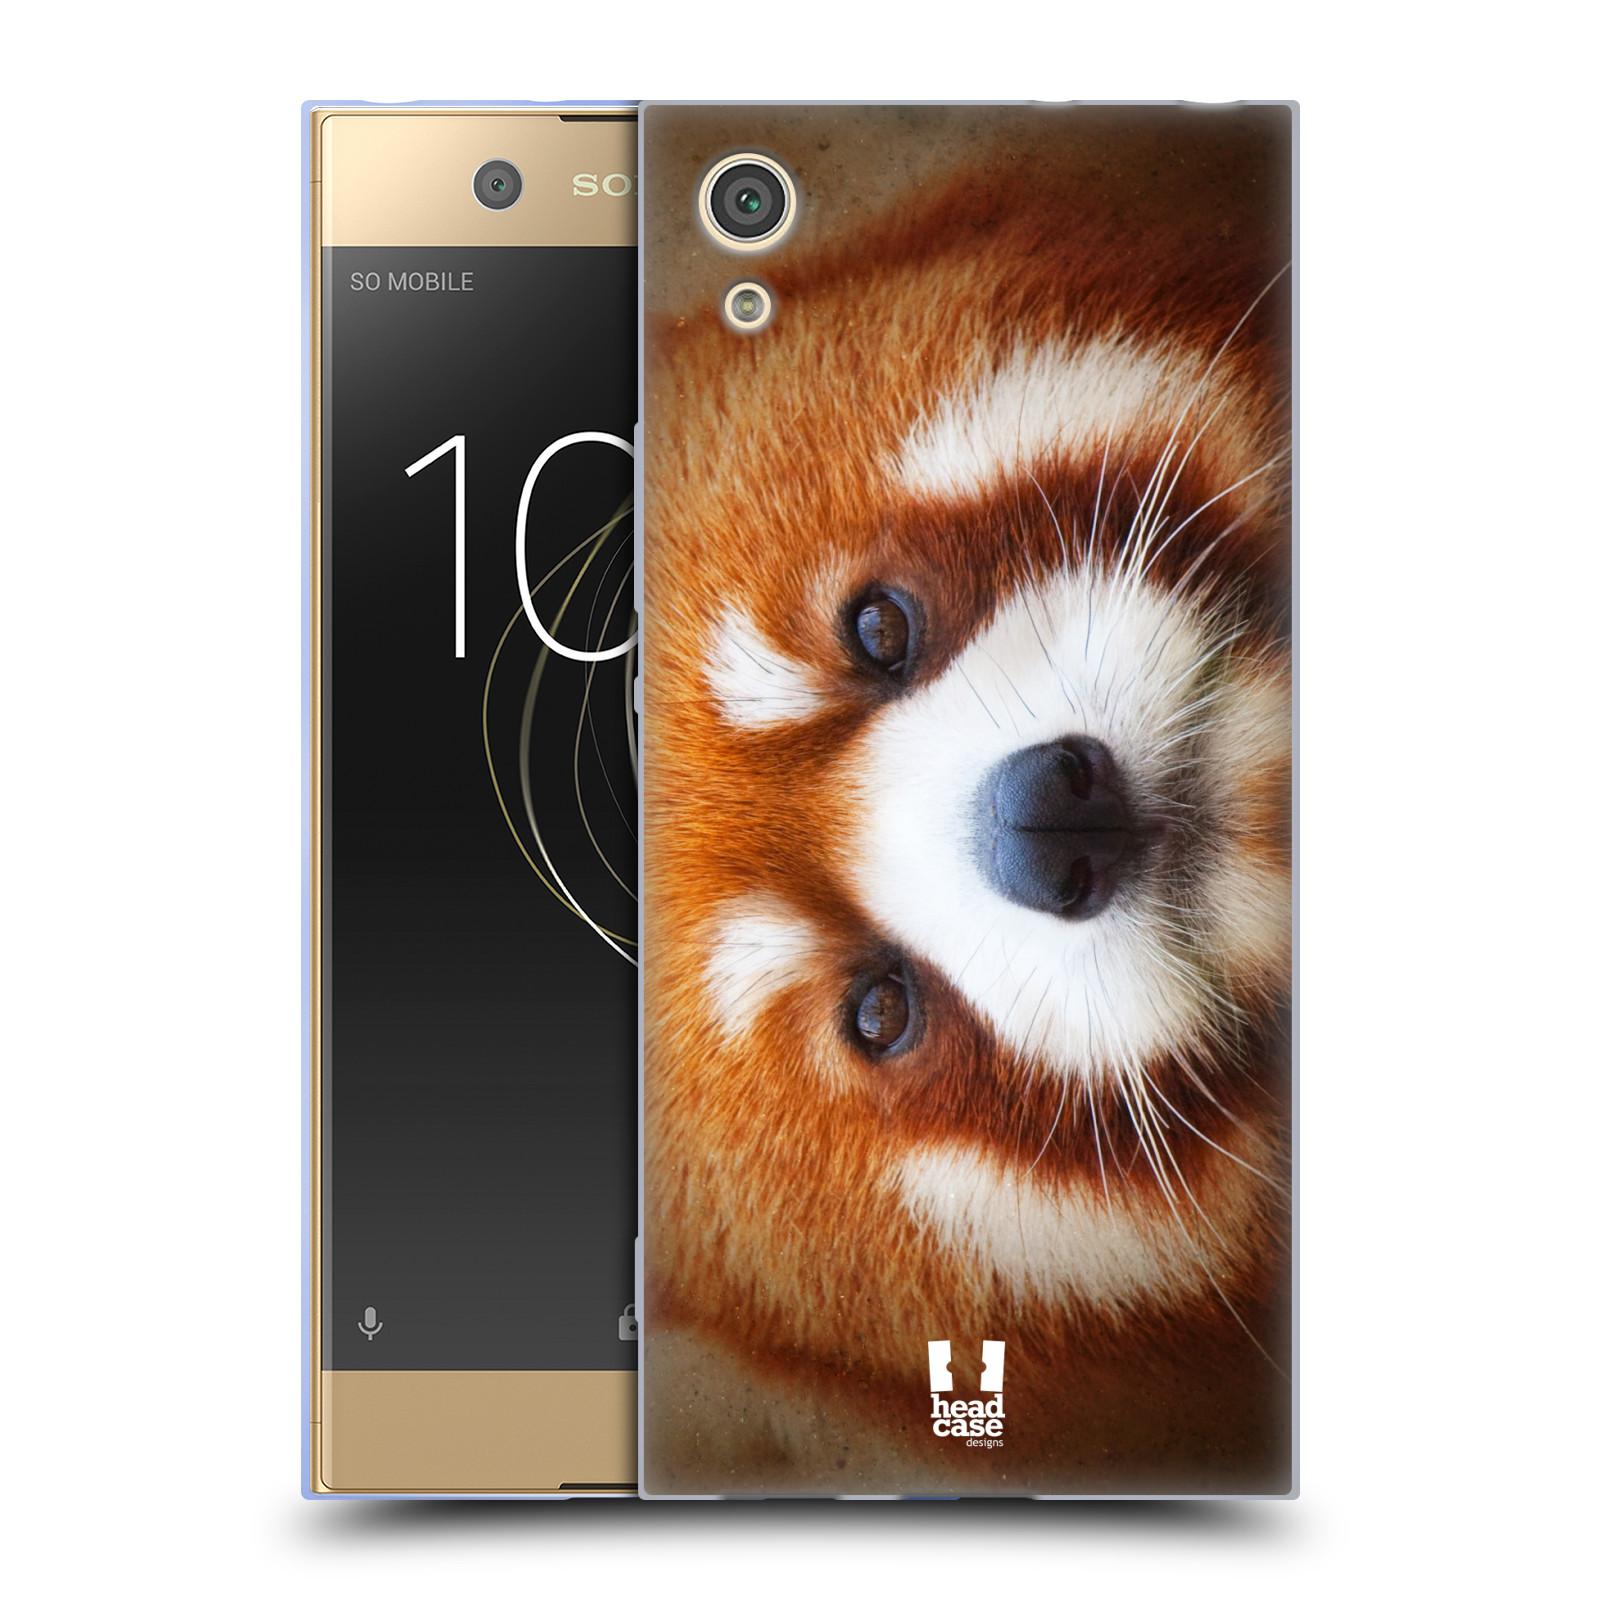 HEAD CASE silikonový obal na mobil Sony Xperia XA1 / XA1 DUAL SIM vzor Zvířecí tváře 2 medvěd panda rudá